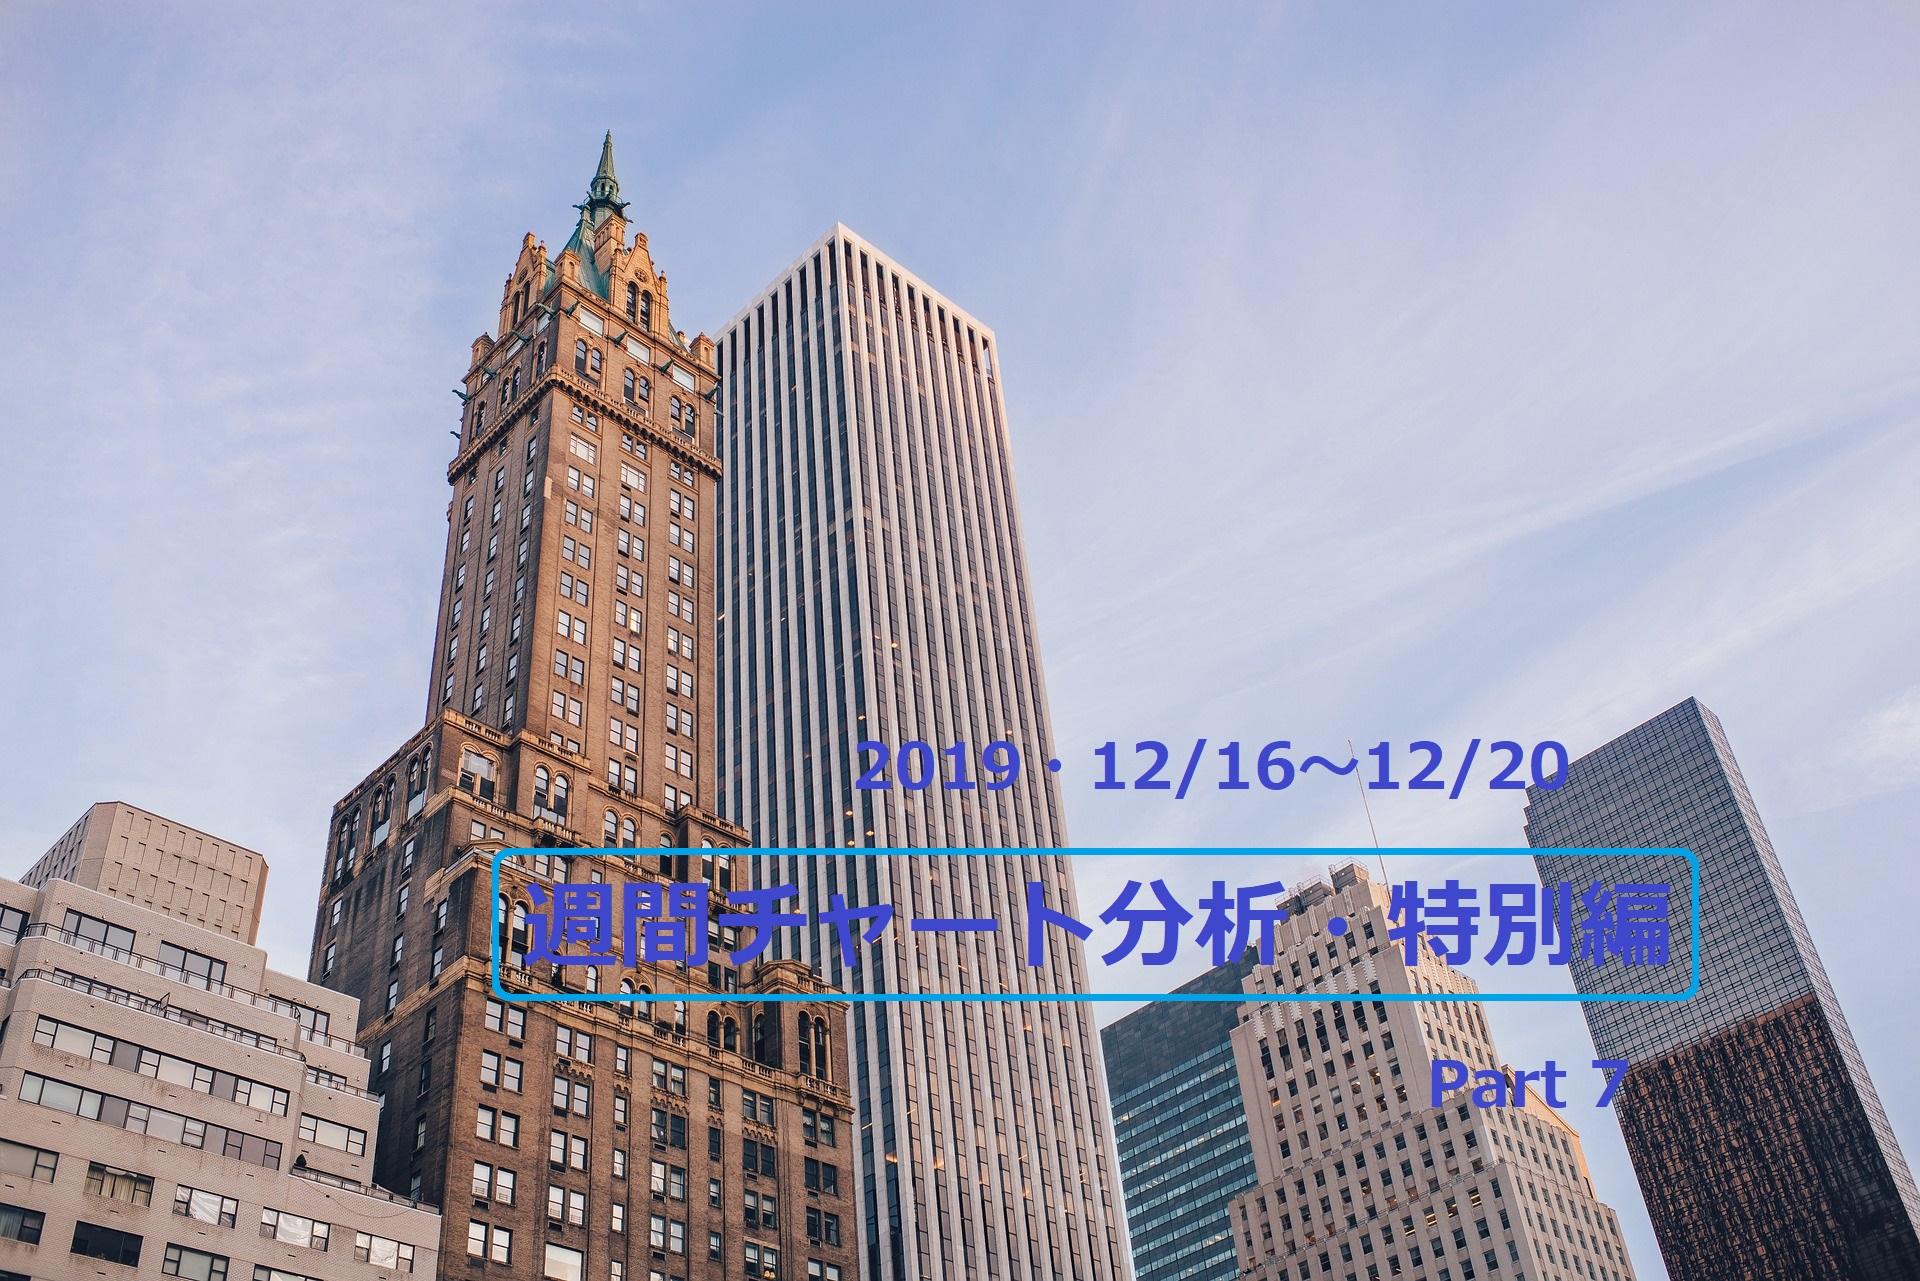 【FX】週間チャート分析・特別編Part7【2019・12/16~12/20】